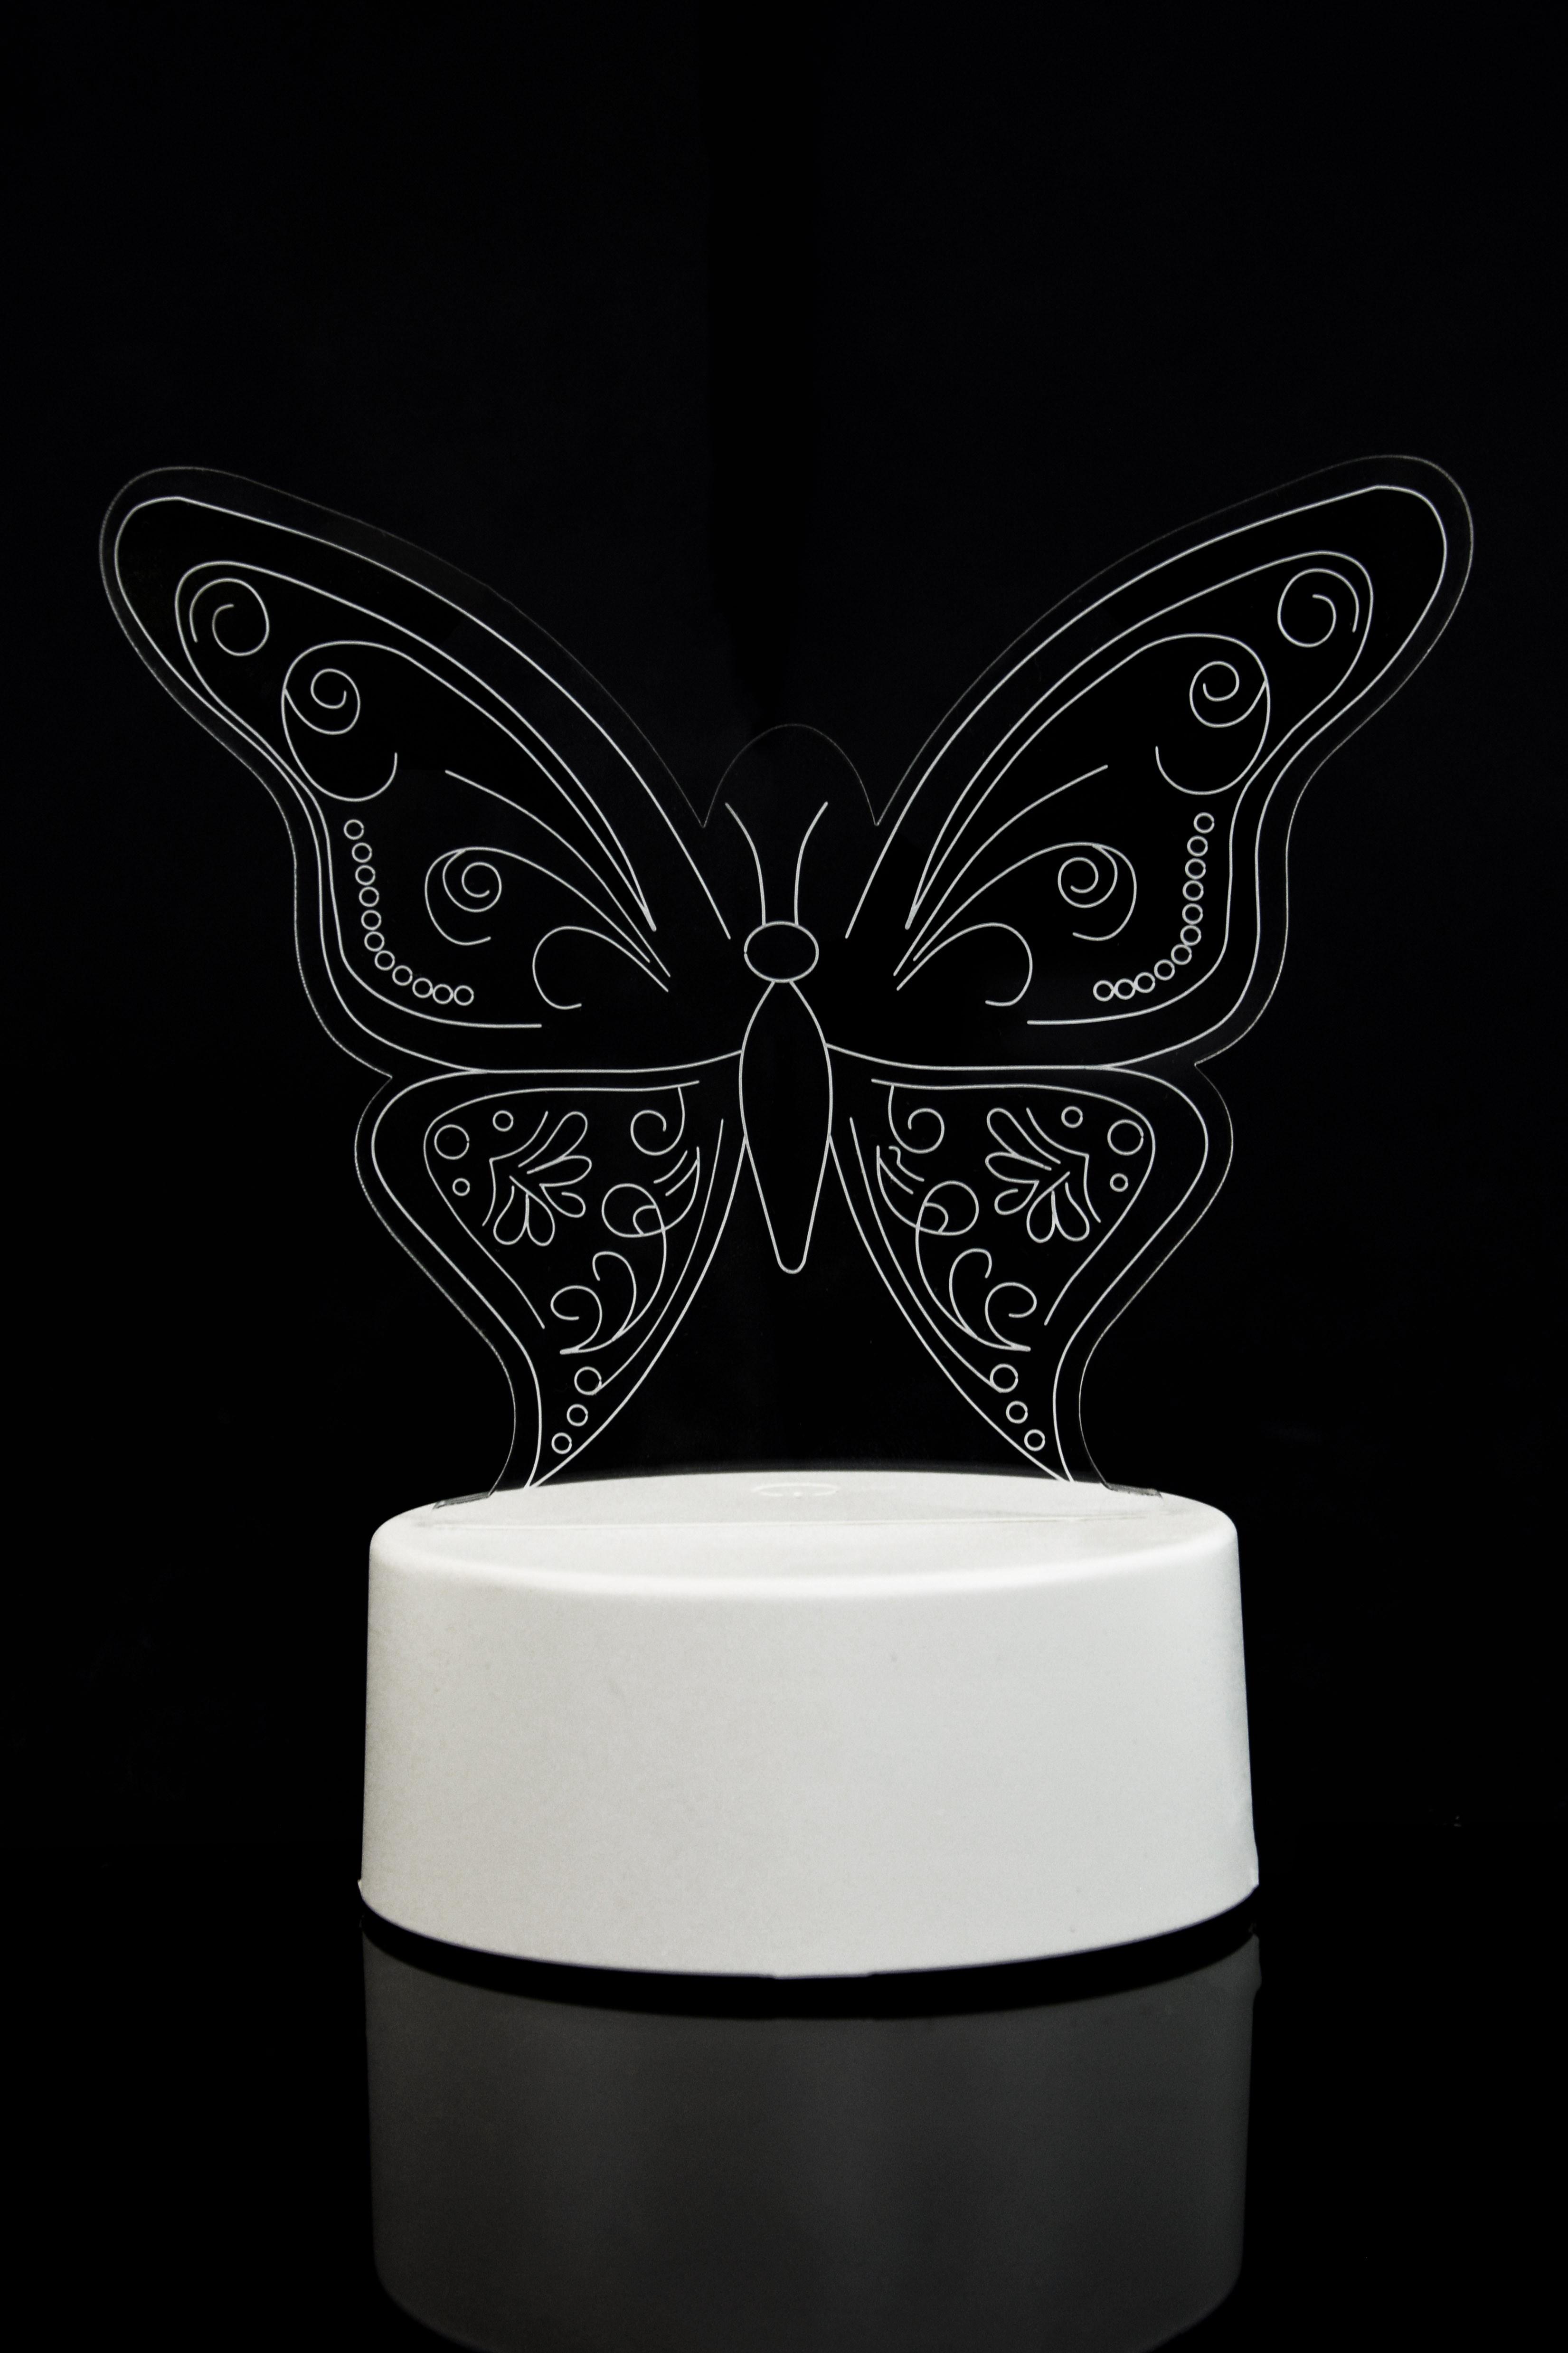 3D Светильник Бабочка 3 цвета в Ярославле